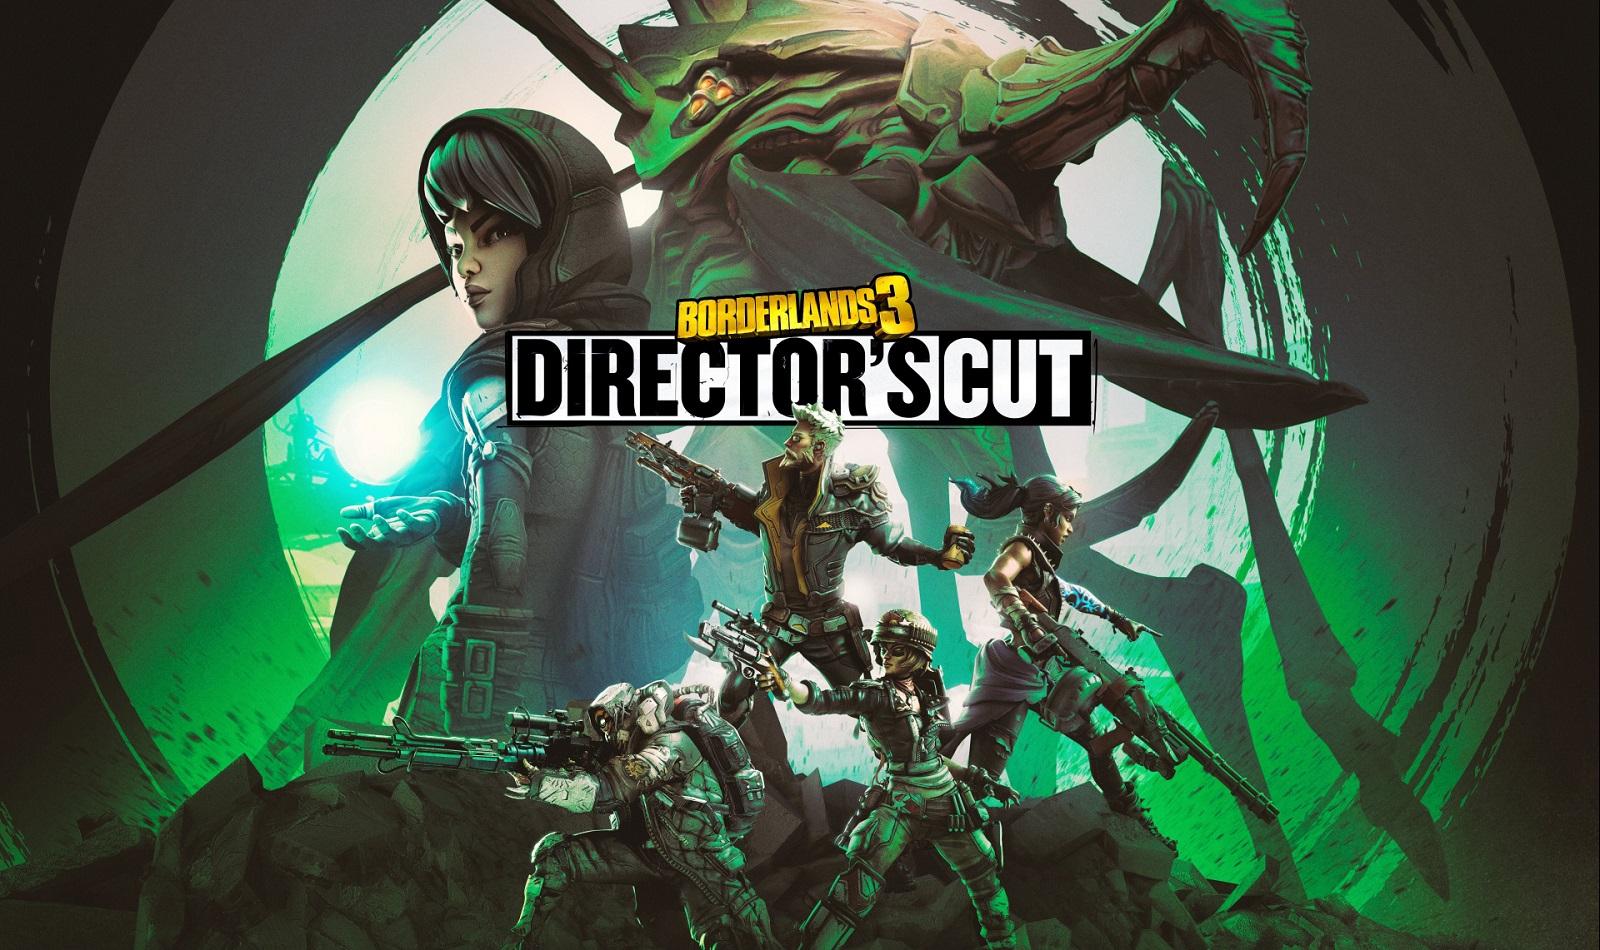 Дополнение Director's Cut к Borderlands 3 задержится до апреля из-за непогоды в Техасе